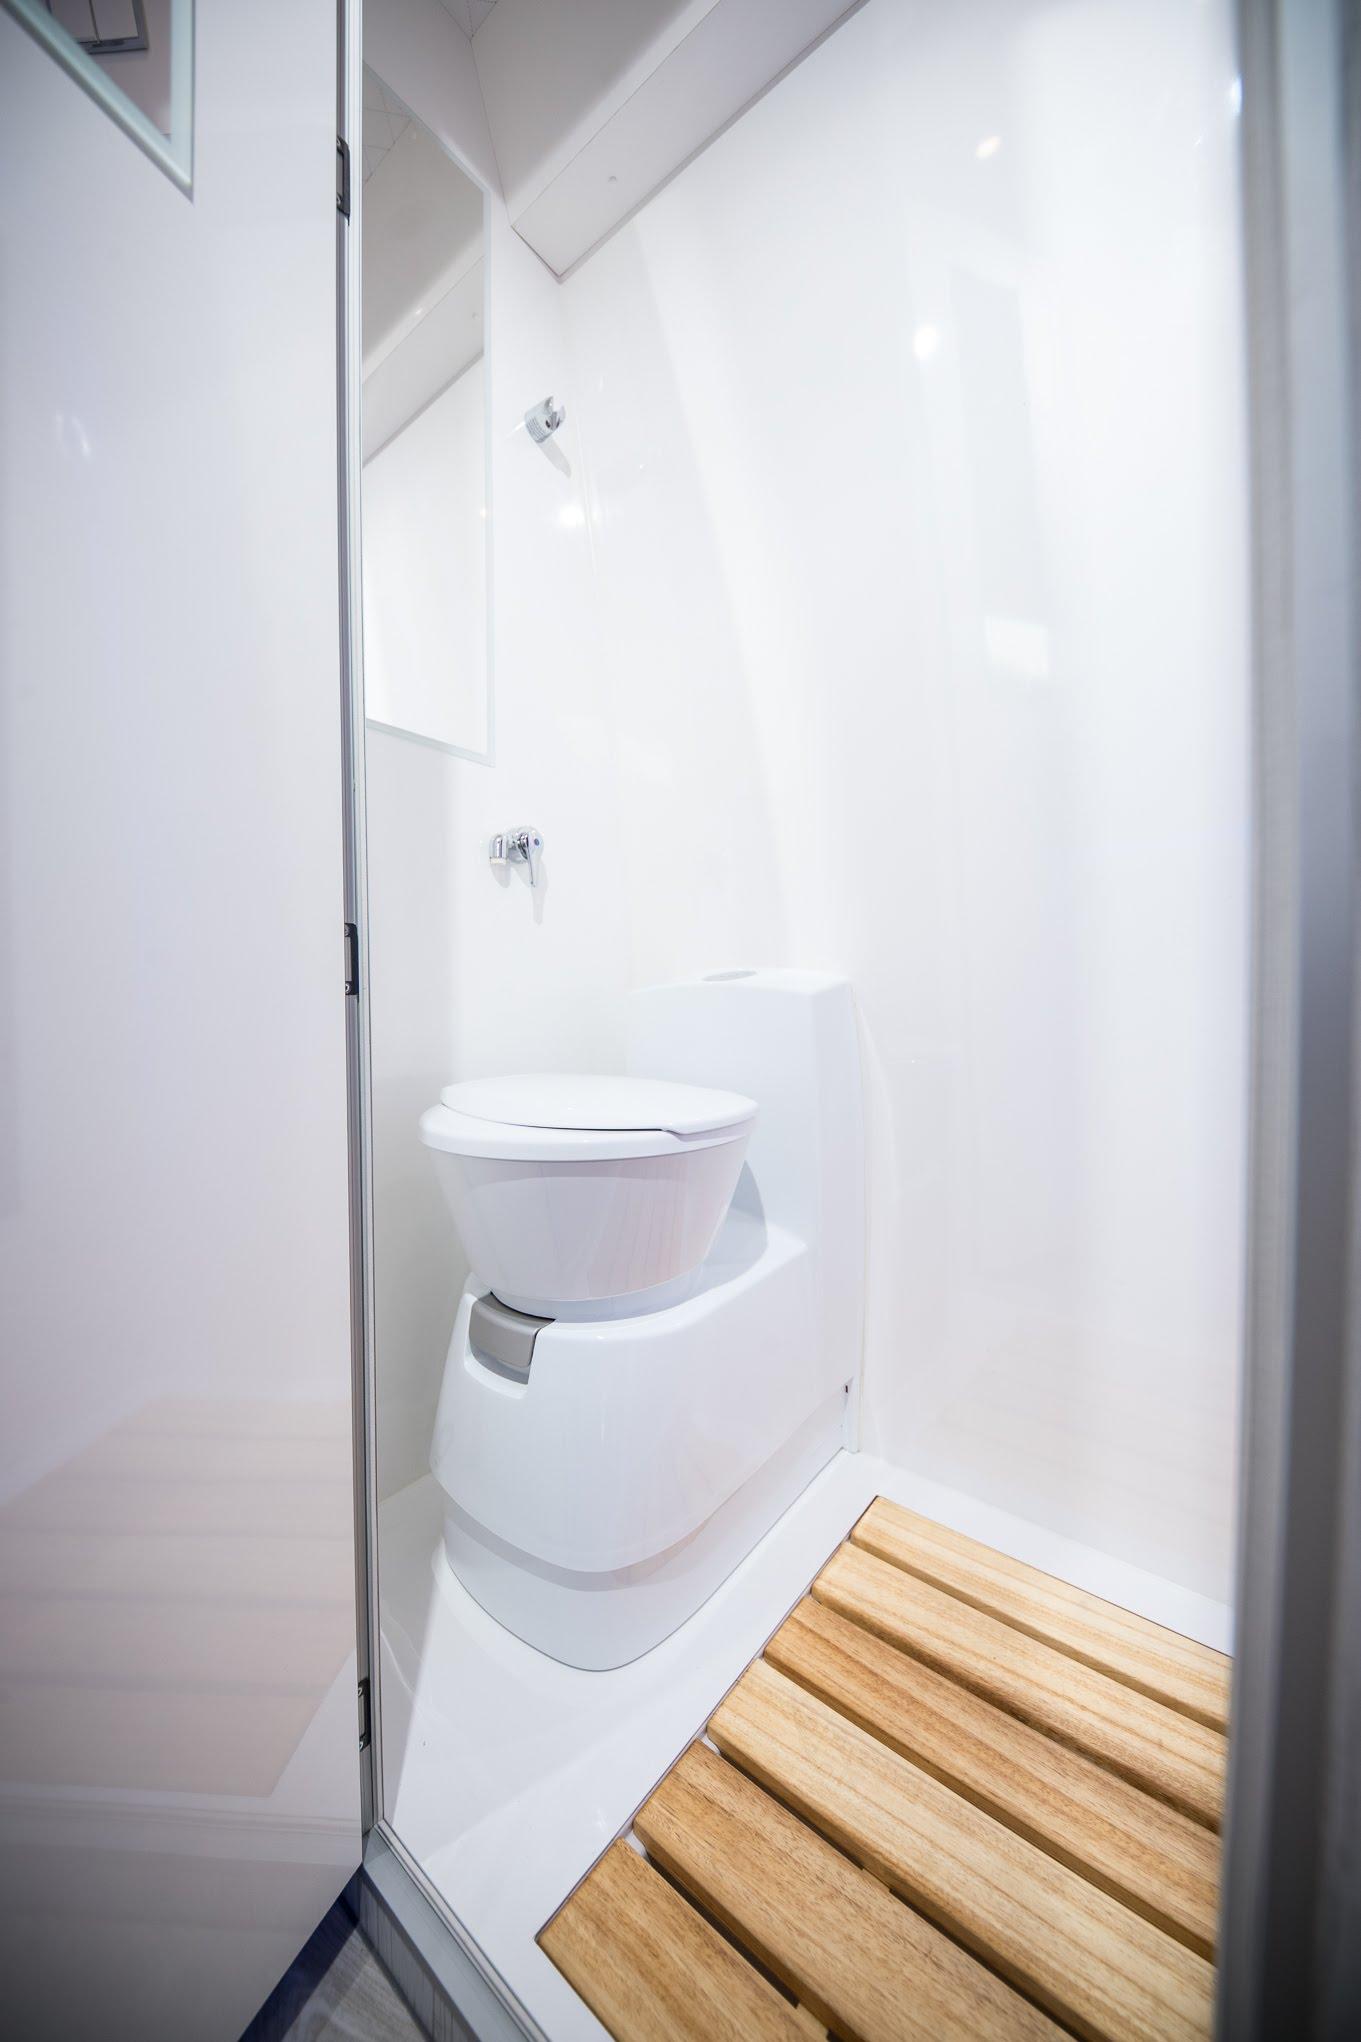 dusche toilette im wohnmobil motorhomes renntransporter camper racecamper shower wc